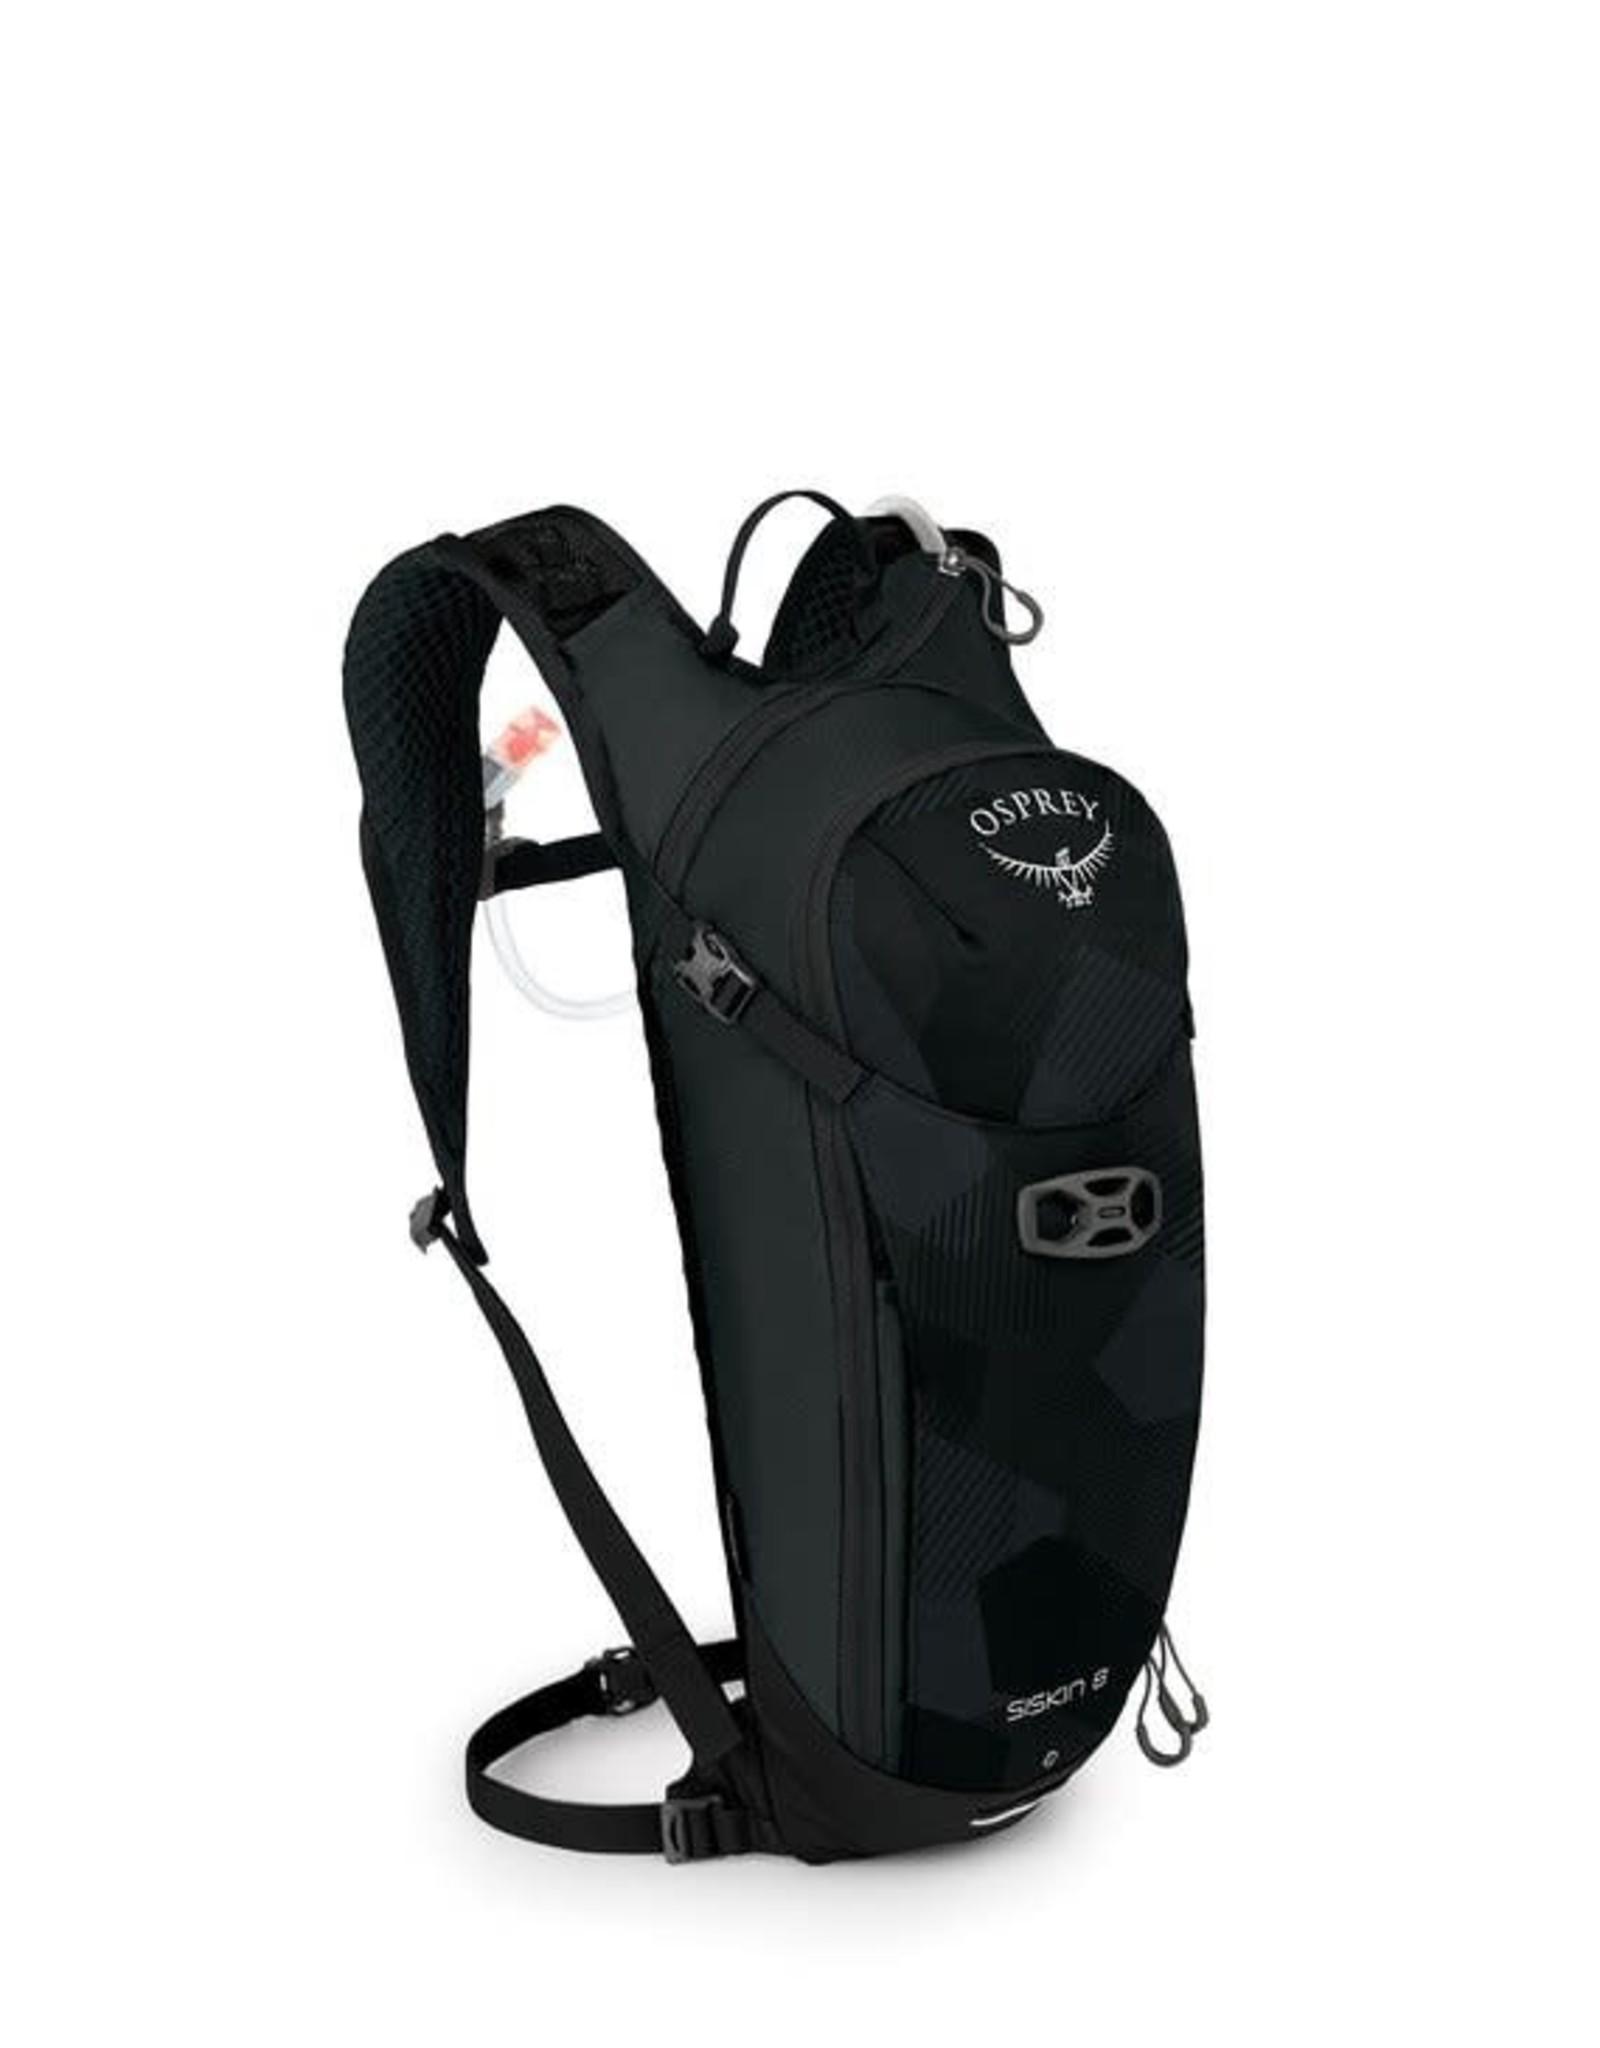 Osprey Siskin 8 Hydration Pack O/S